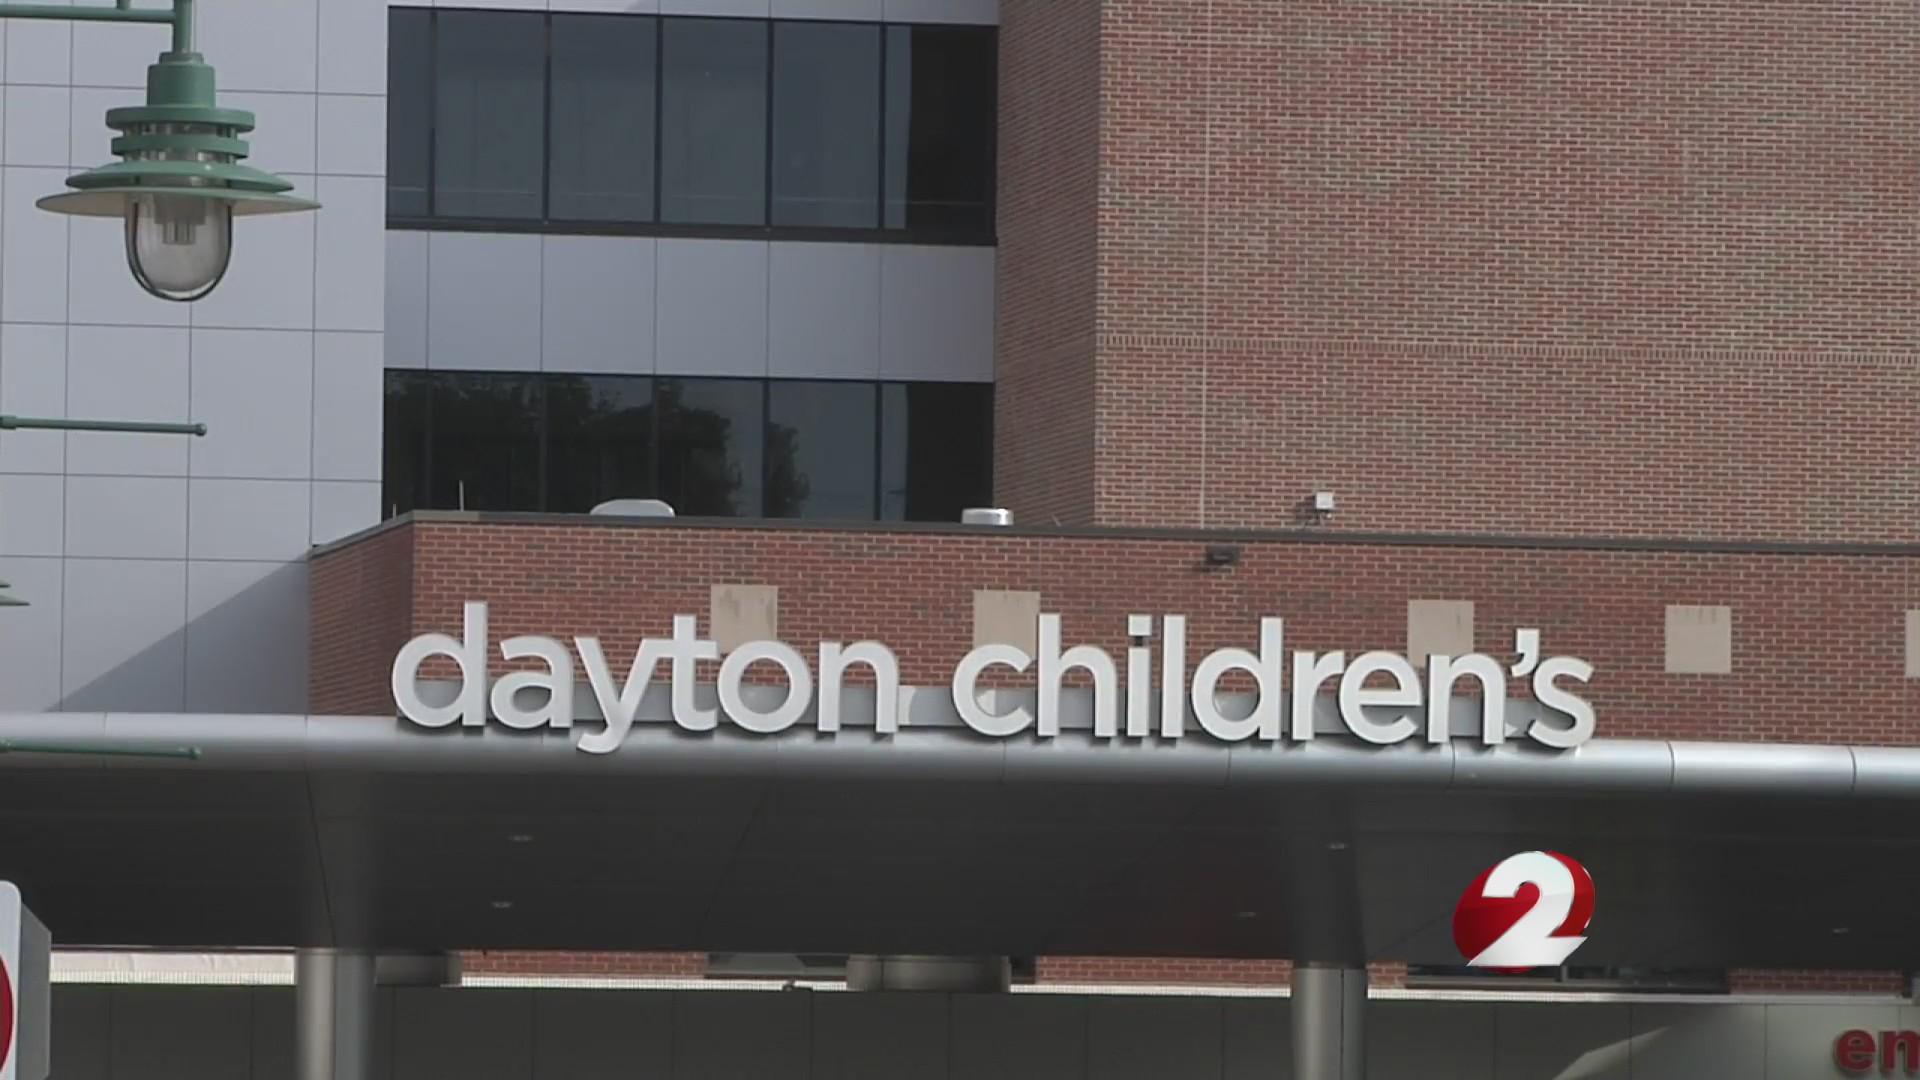 Dayton Children's